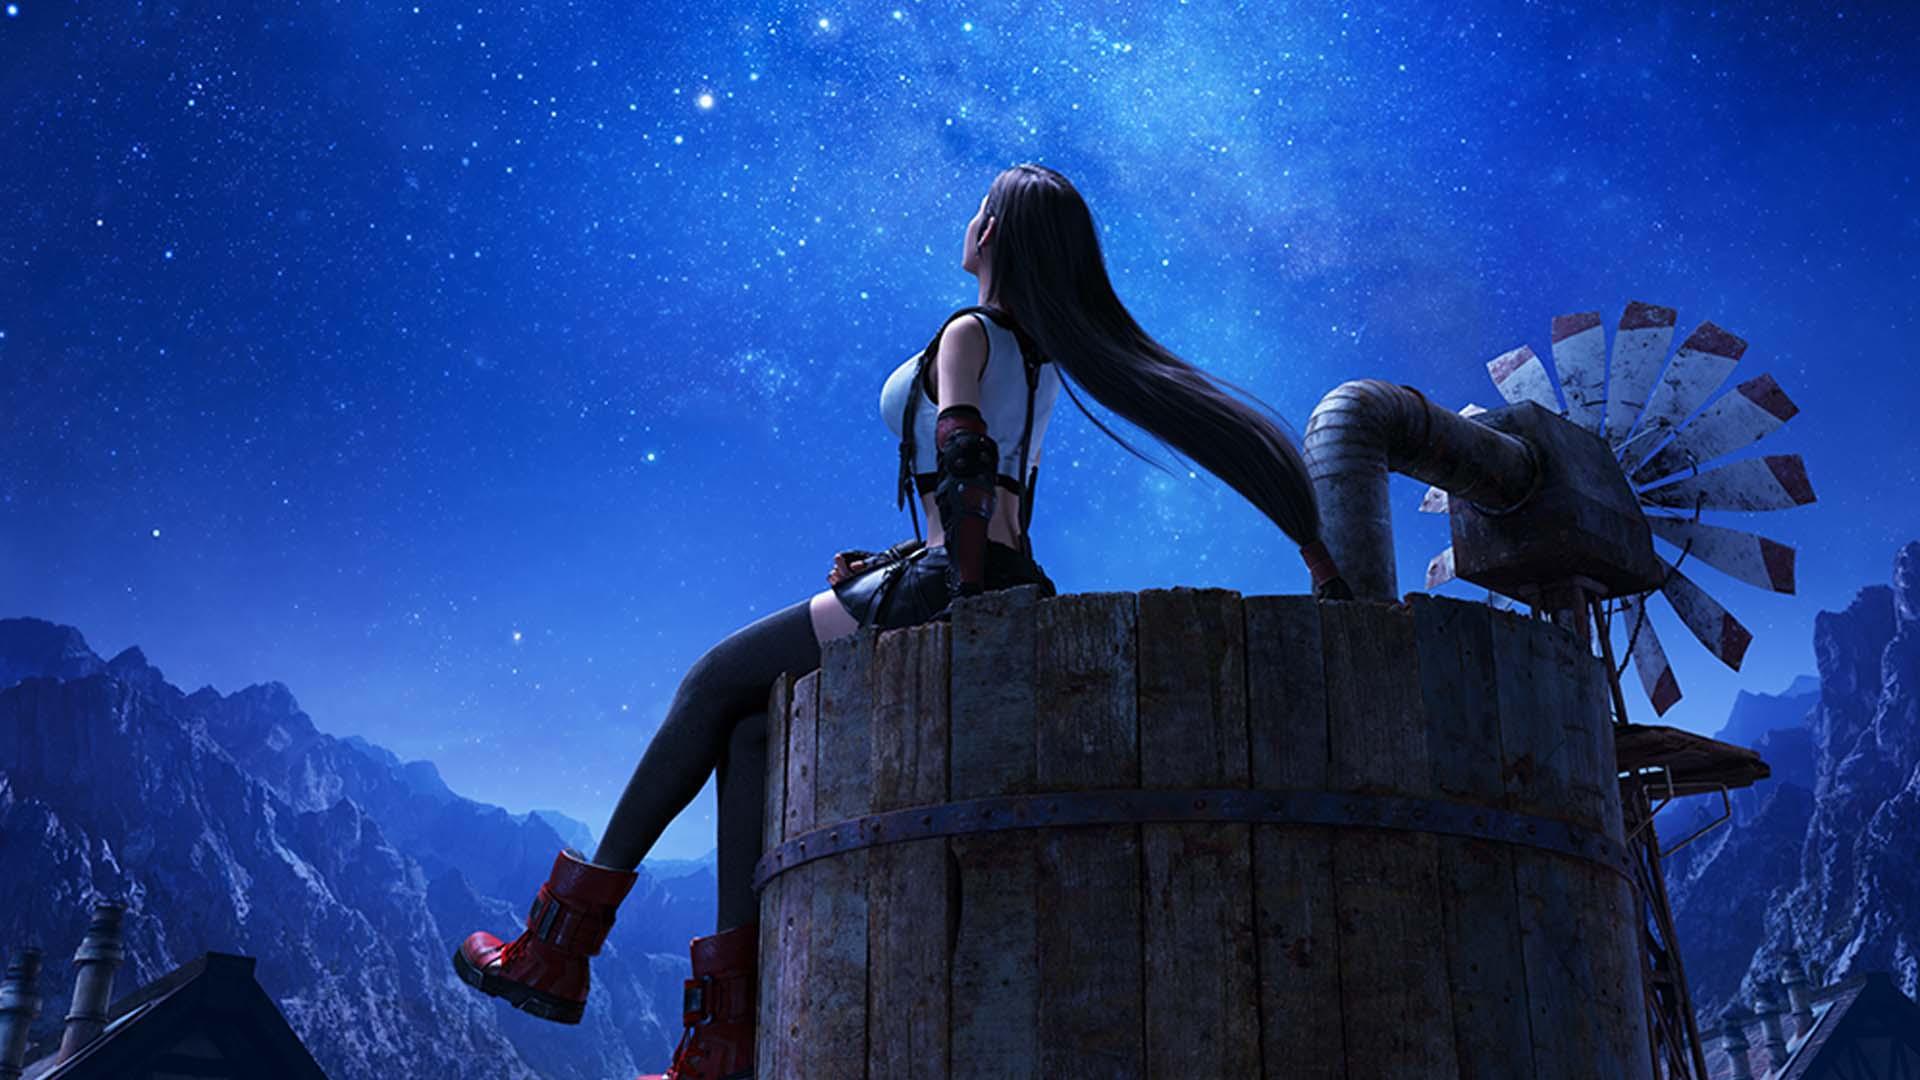 Sony бесплатно раздаёт динамическую тему Тифы из Final Fantasy 7 Remake